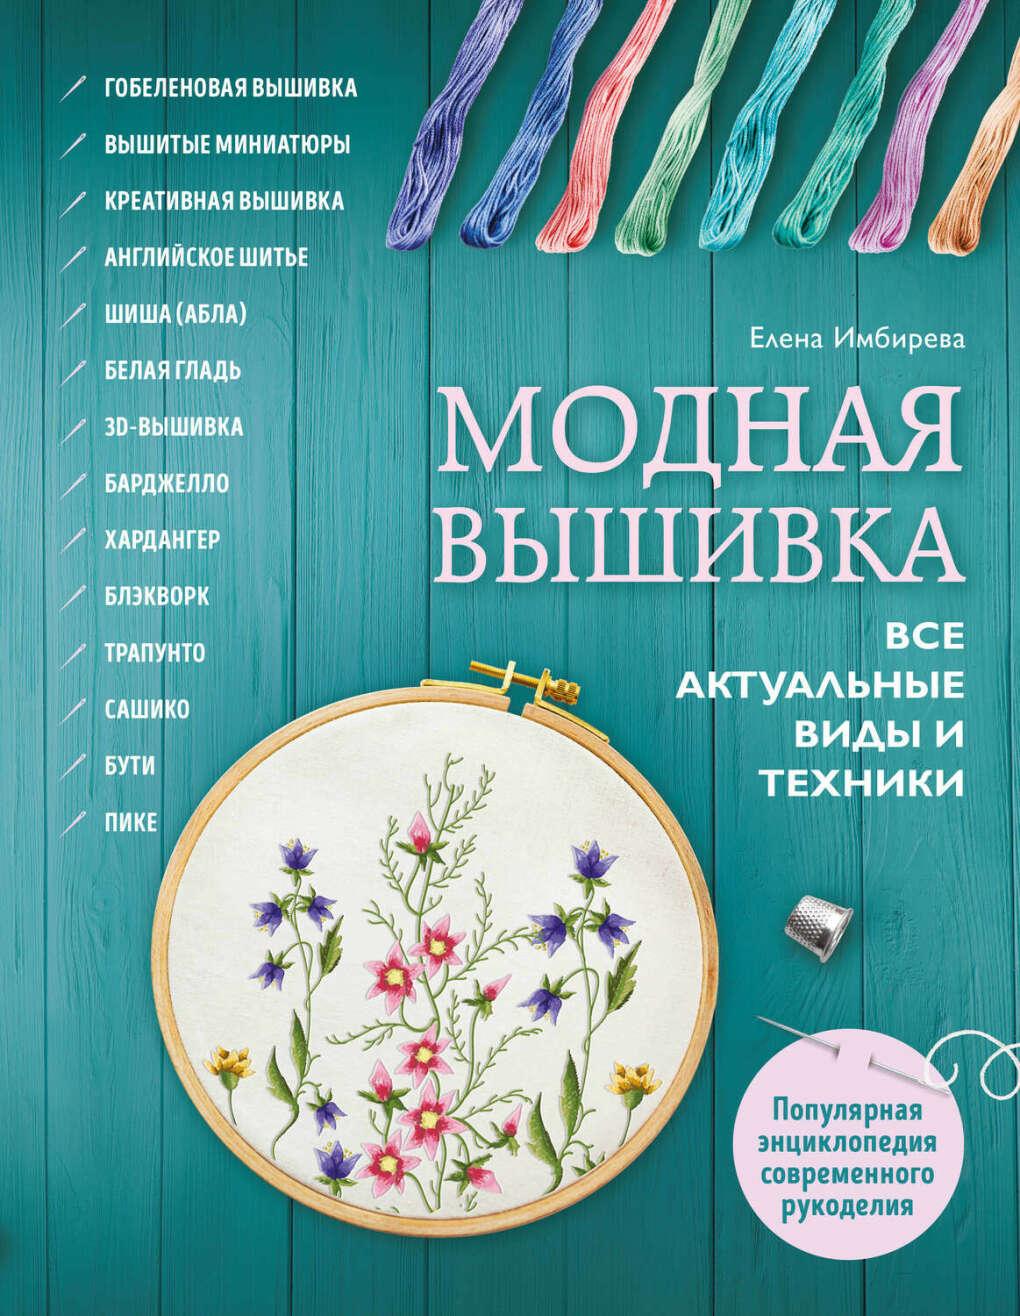 Отзывы о книге Модная вышивка. Все актуальные виды и техники, Елена Имбирева – ЛитРес